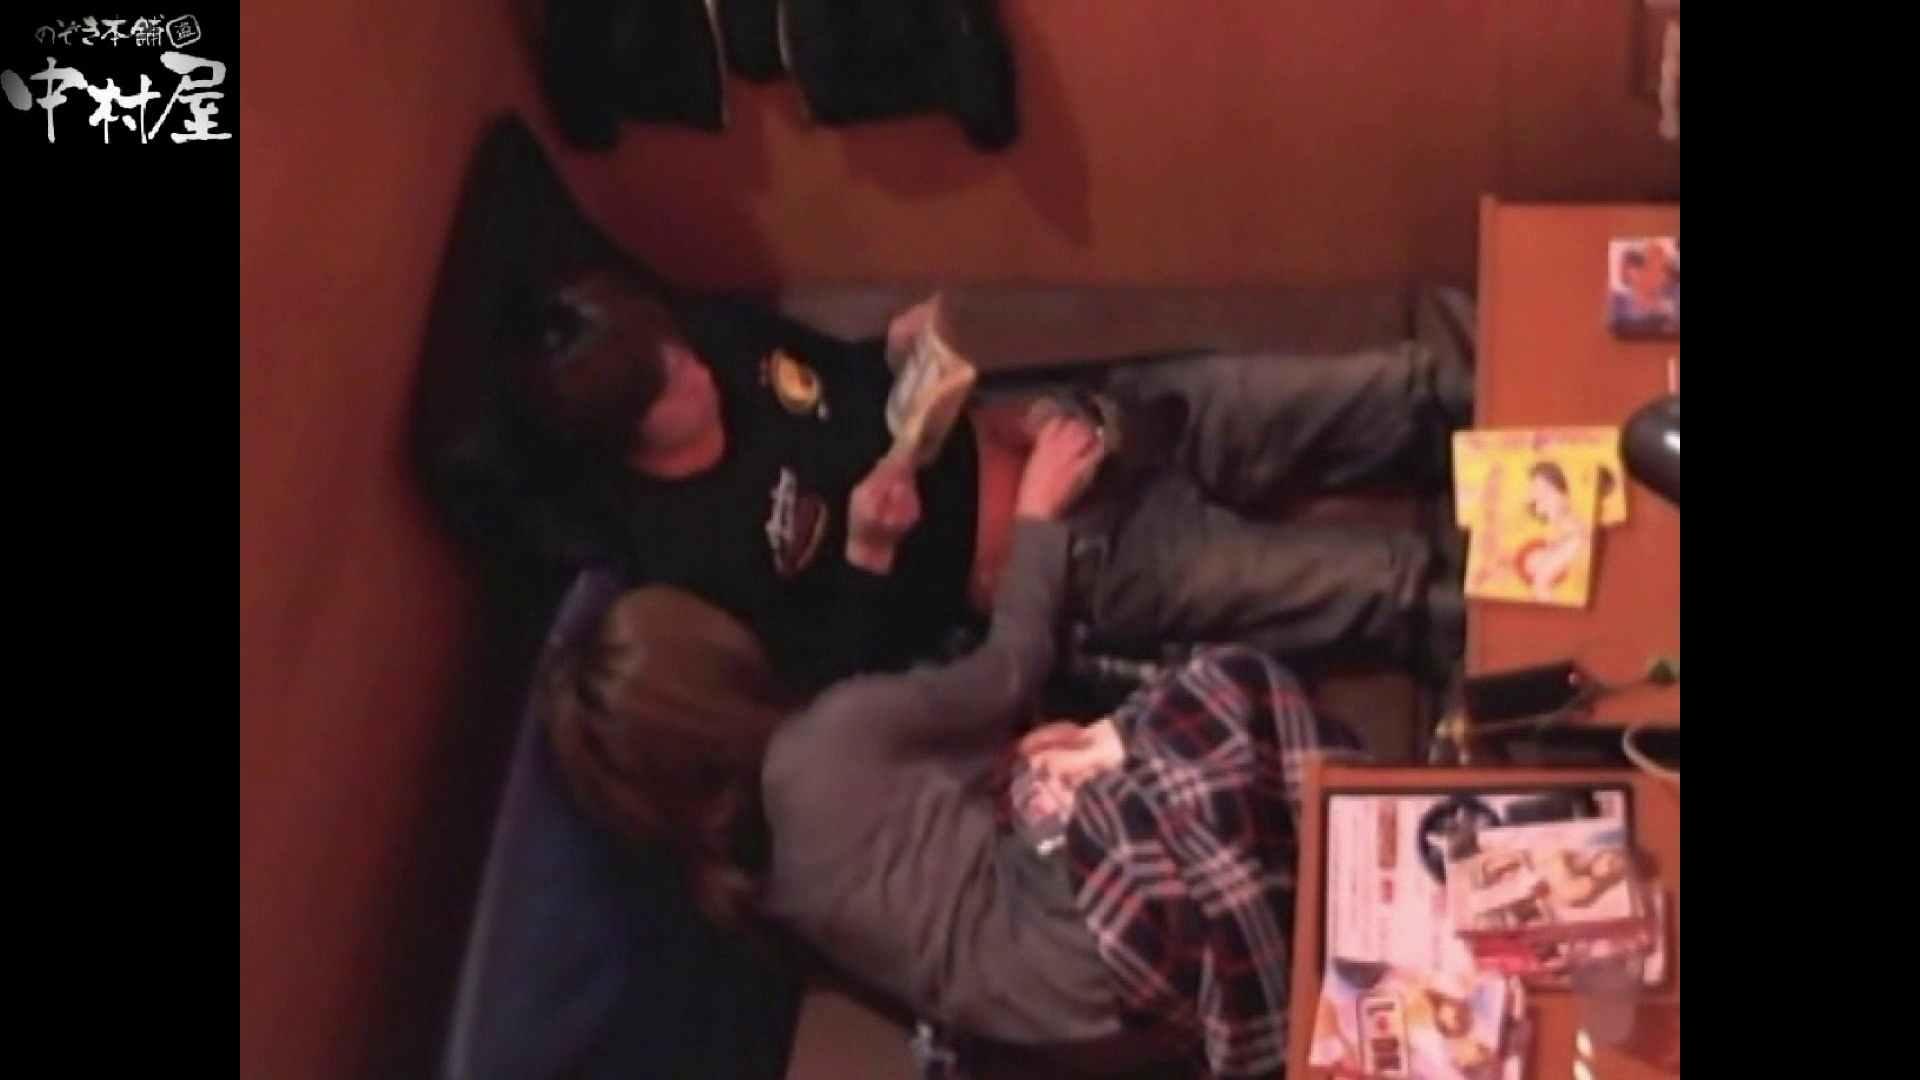 ネットカフェ盗撮師トロントさんの 素人カップル盗撮記vol.2 勃起 盗撮動画紹介 100pic 32